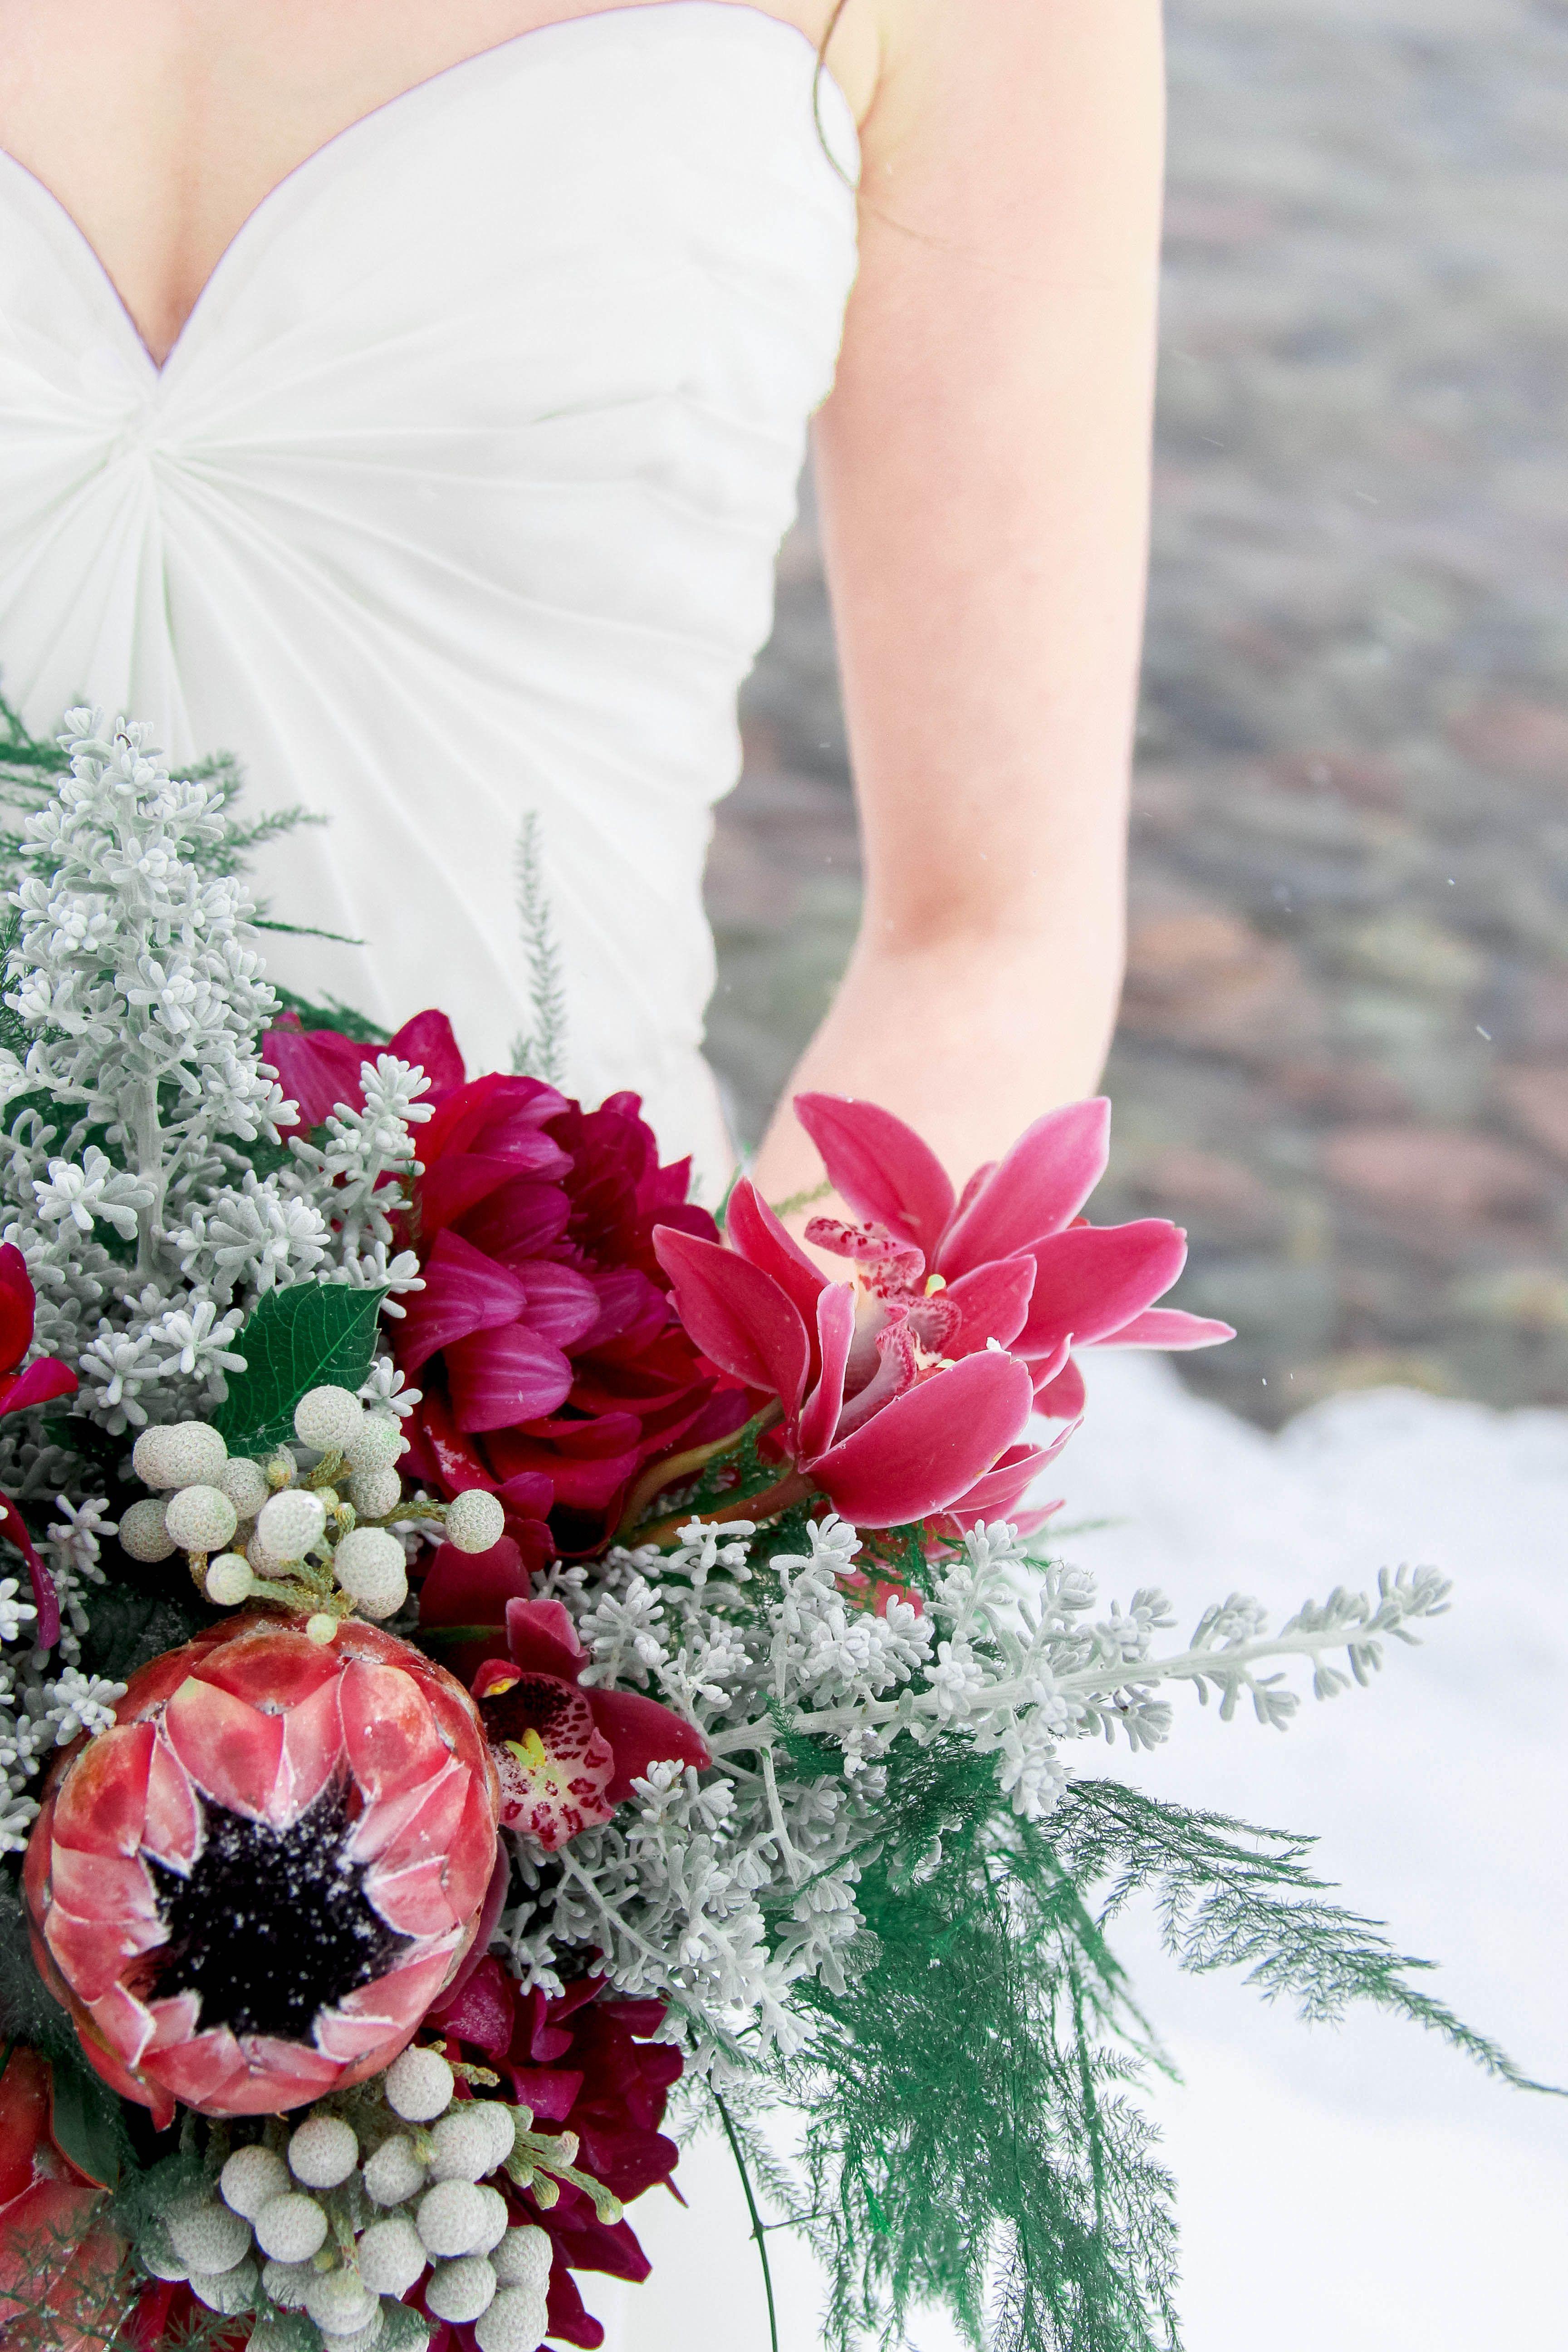 Winter Wedding Inspiration in Lakeside, Montana | Weddings ...